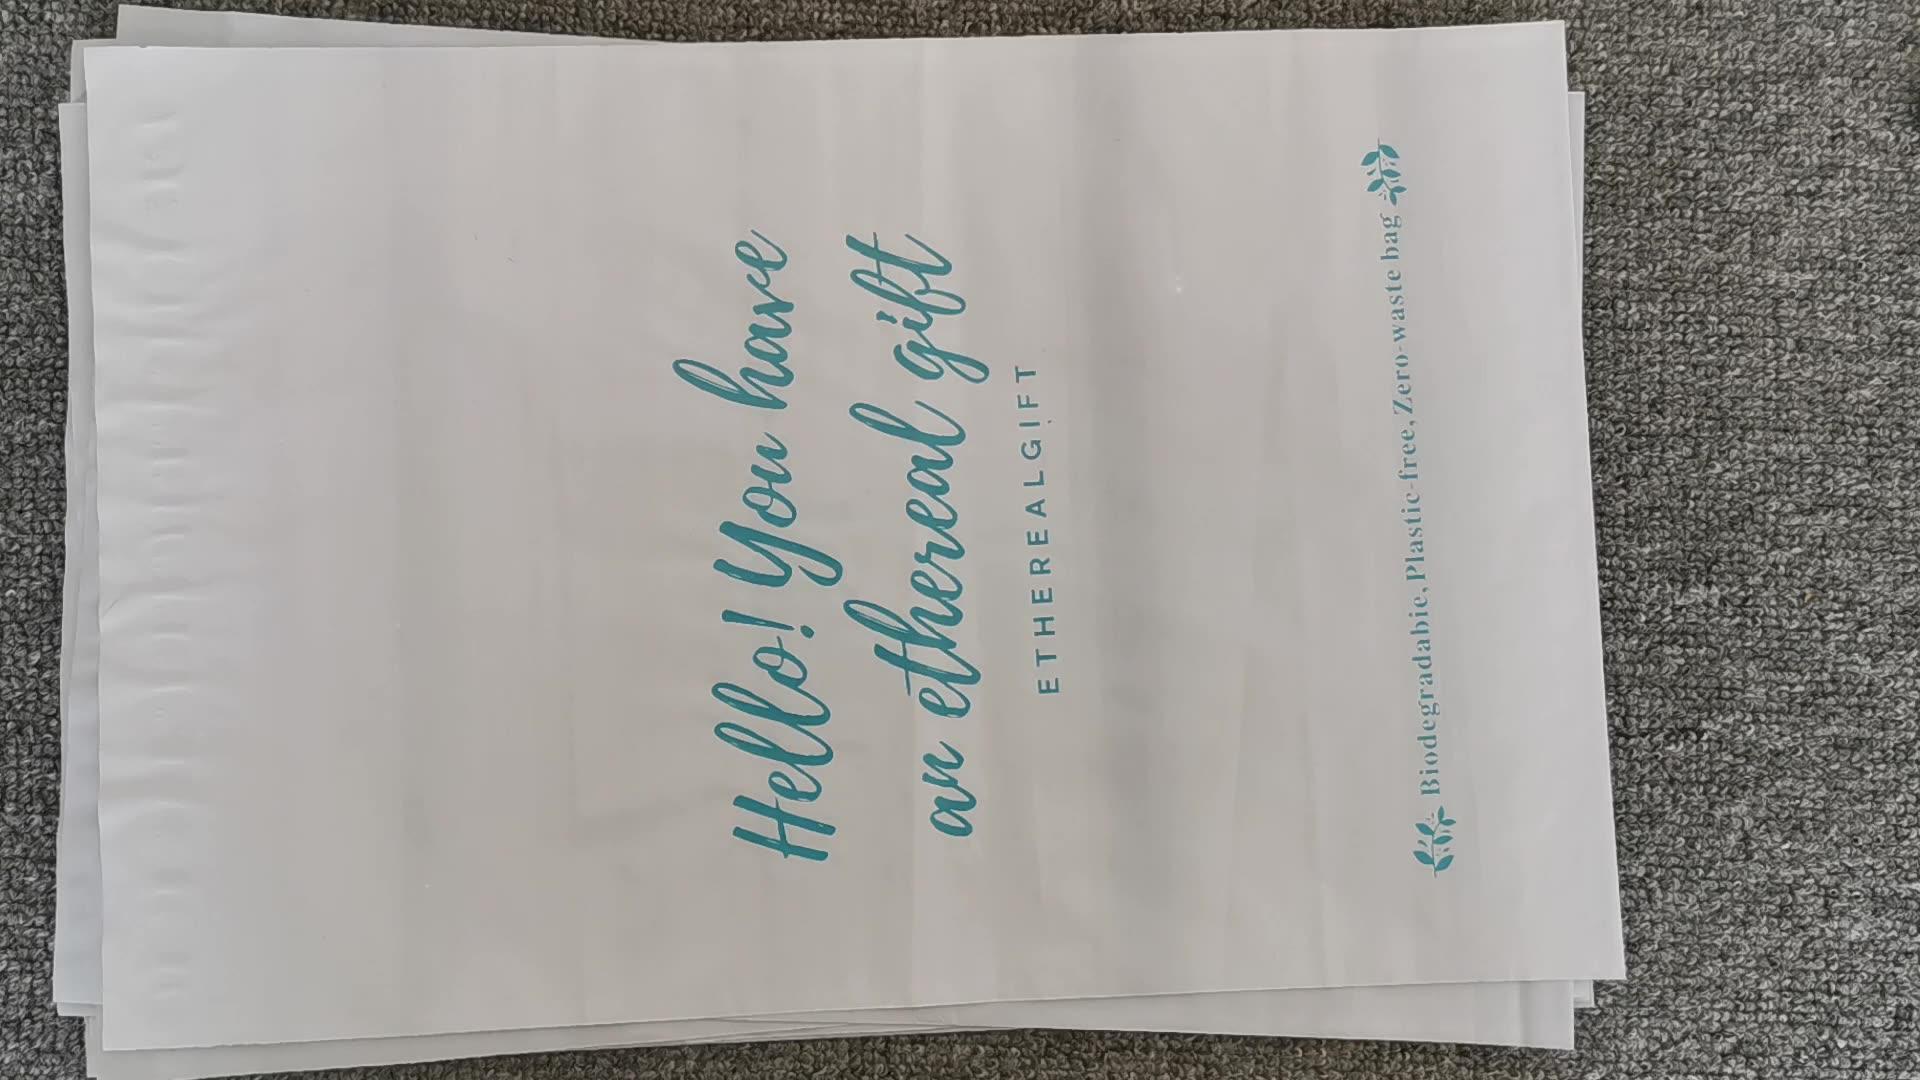 תירס עמילן משלוח תיק מותאם אישית מודפס פוליאתילן Coex פולי פלסטיק דיוור שליח תיק עם כיס